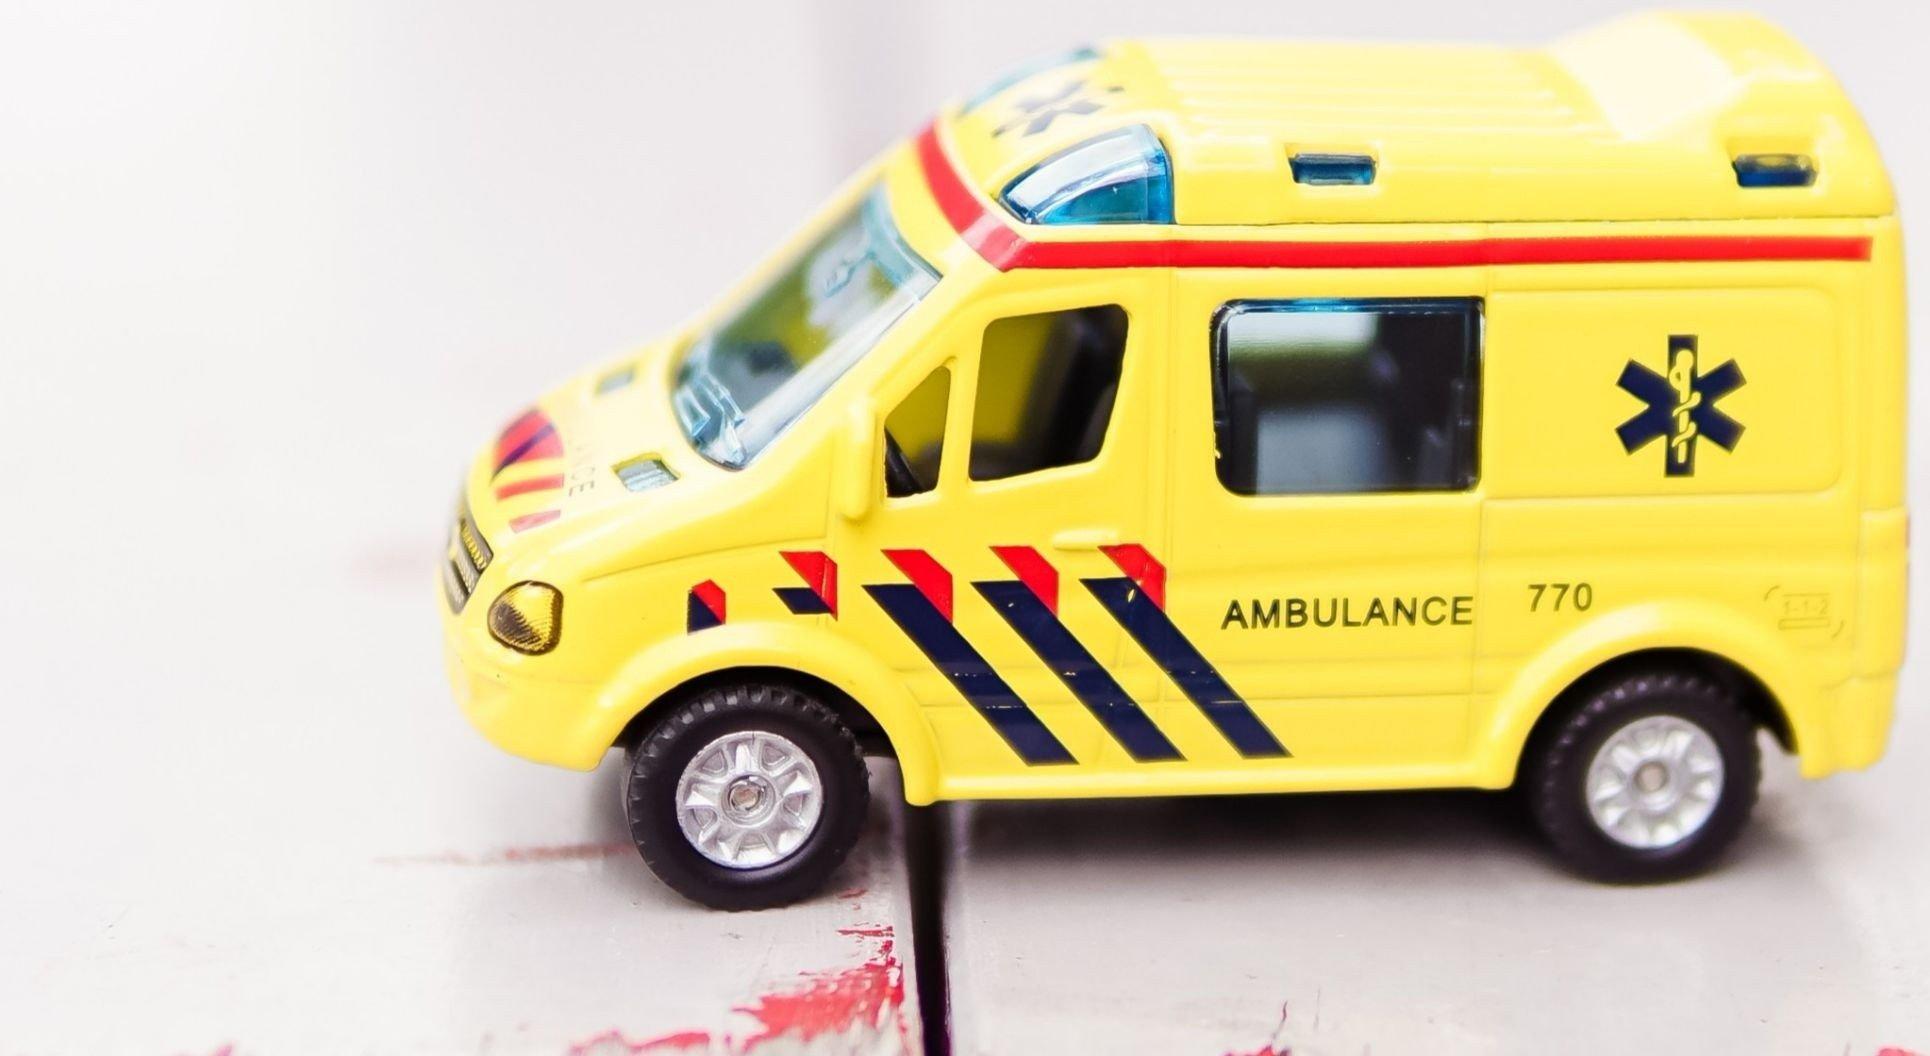 Ambulance © Zhen Hu